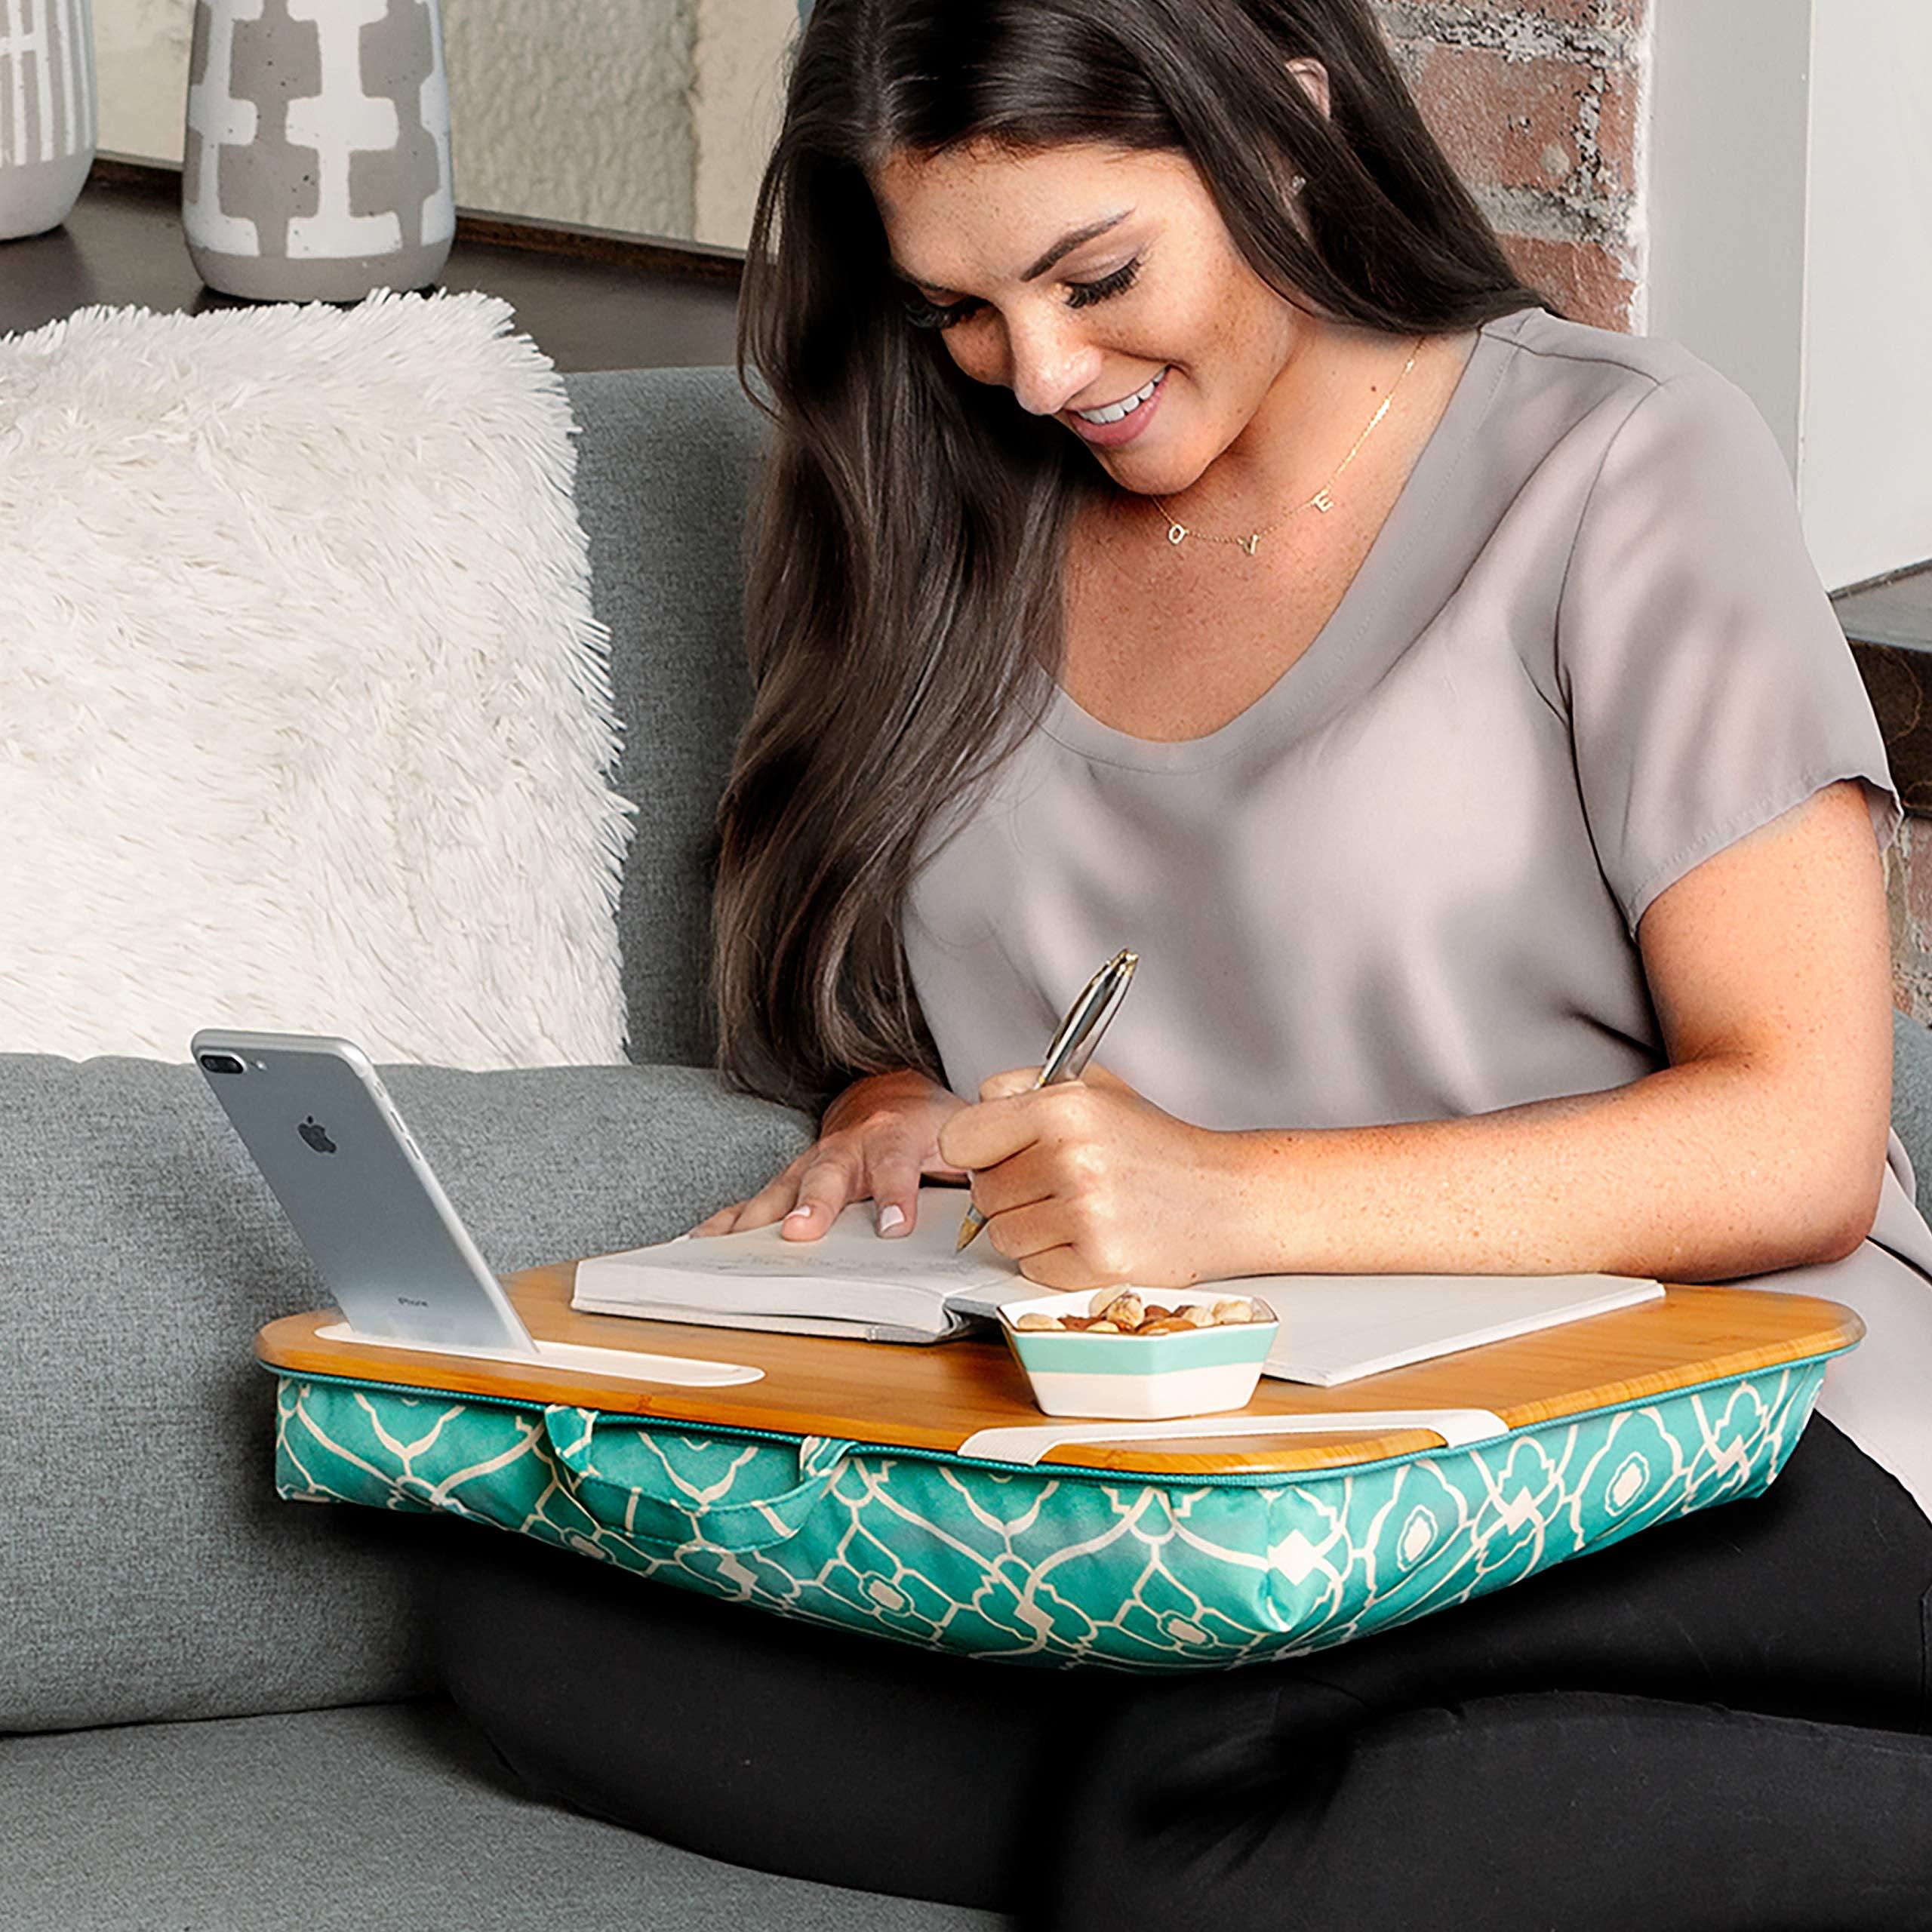 LapGear Designer Lap Desk - Aqua Trellis (Fits up to 15.6'' Laptop) - Style #45422 by Lap Desk (Image #4)